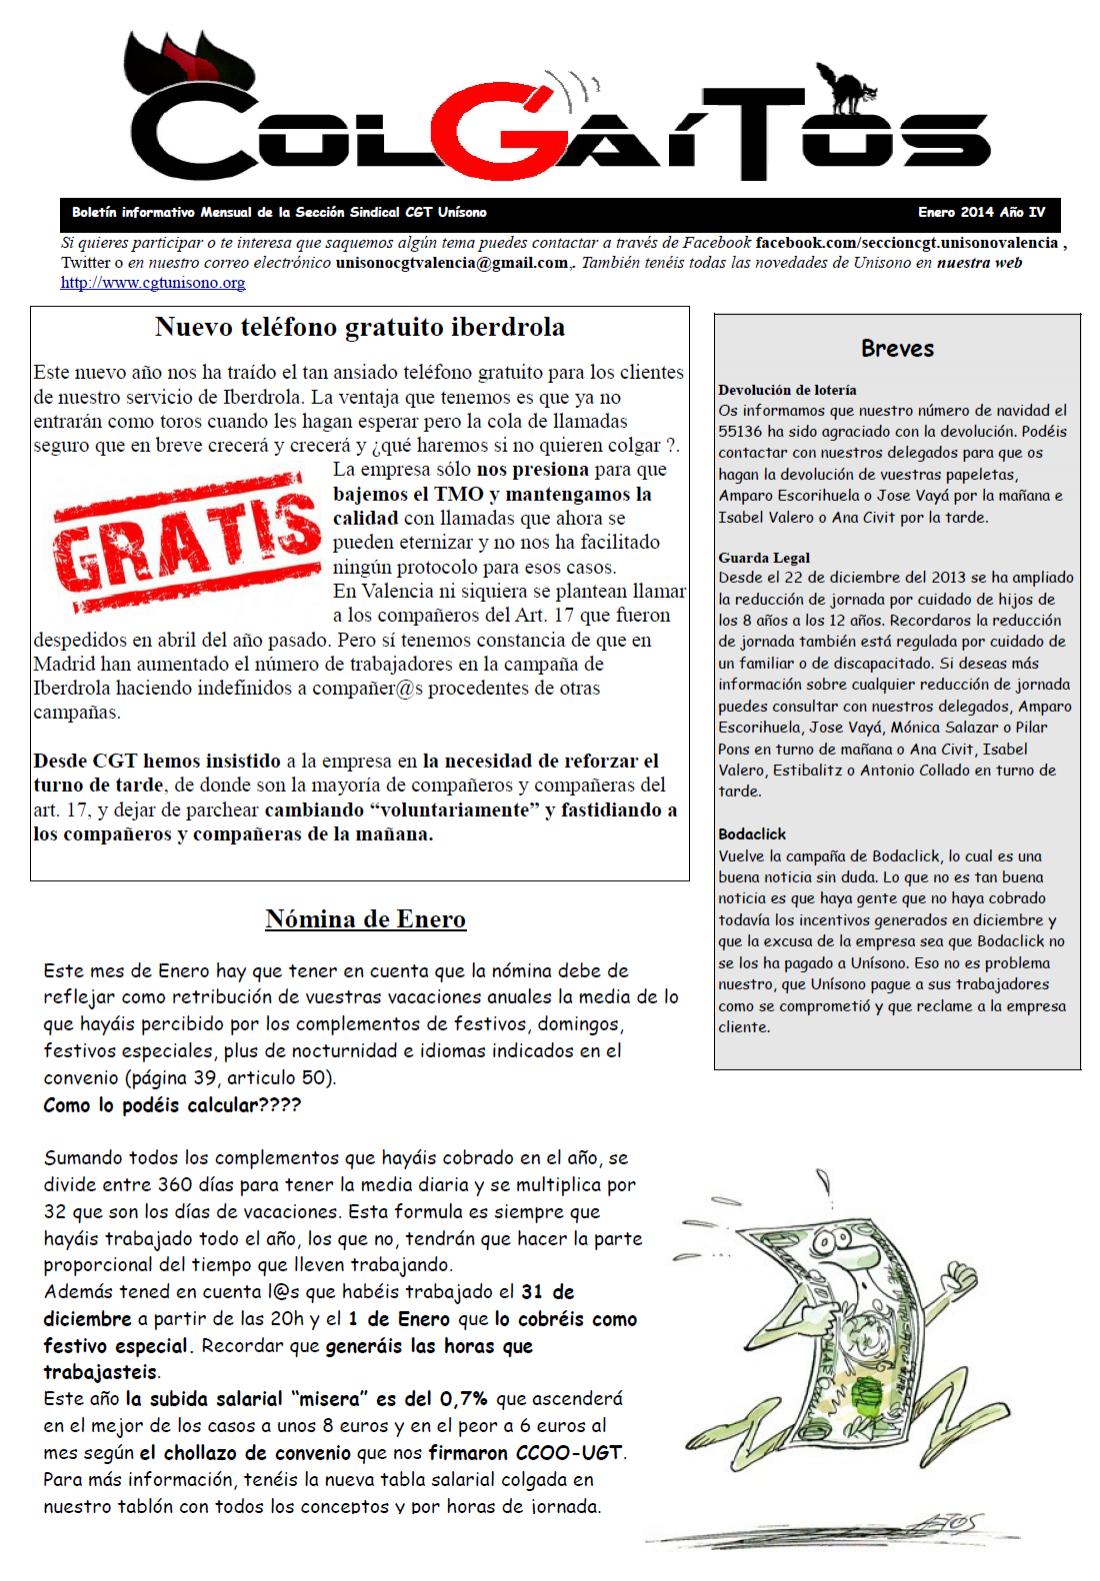 «Colgaítos» enero 2014: Boletín informativo de CGT Unísono Valencia